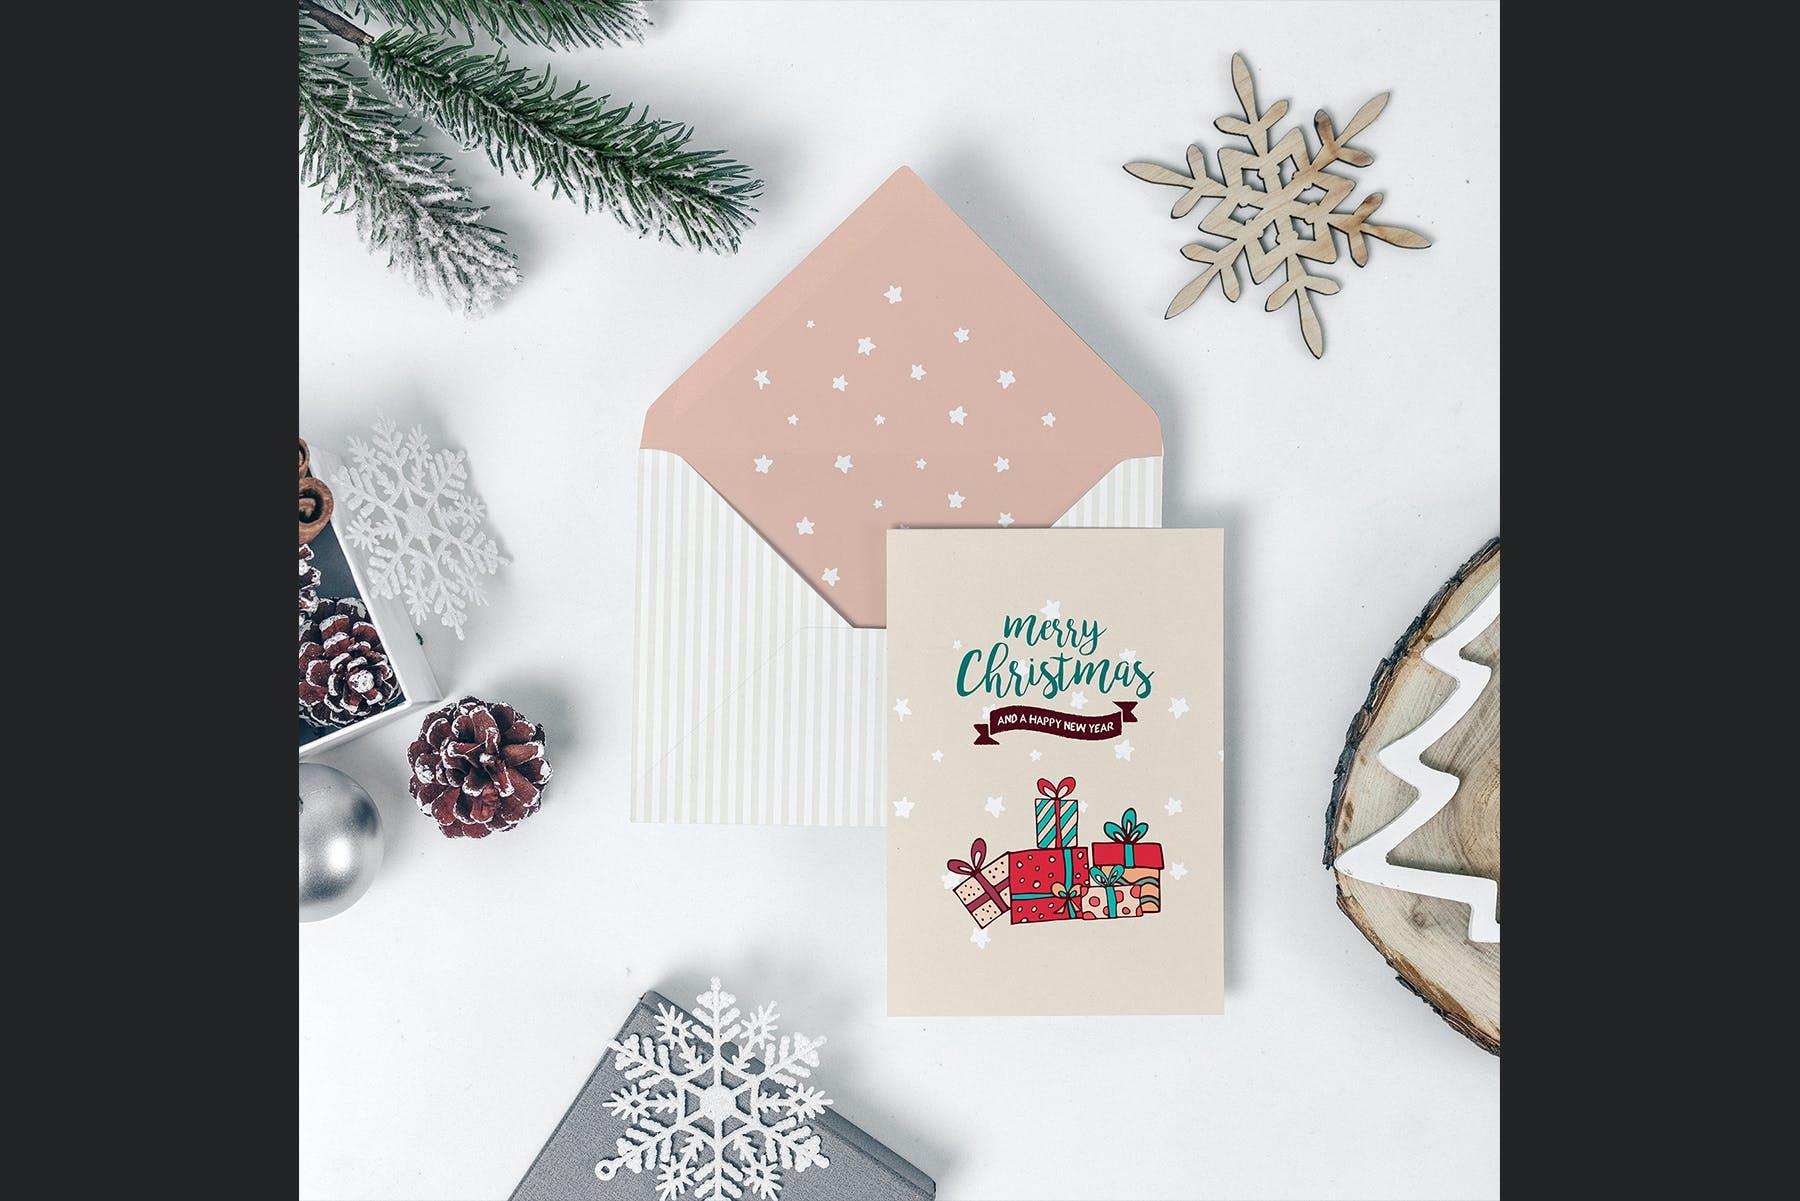 9款圣诞节贺卡邀请函设计展示样机合集 Christmas Mockup Collection Vol.2插图(2)